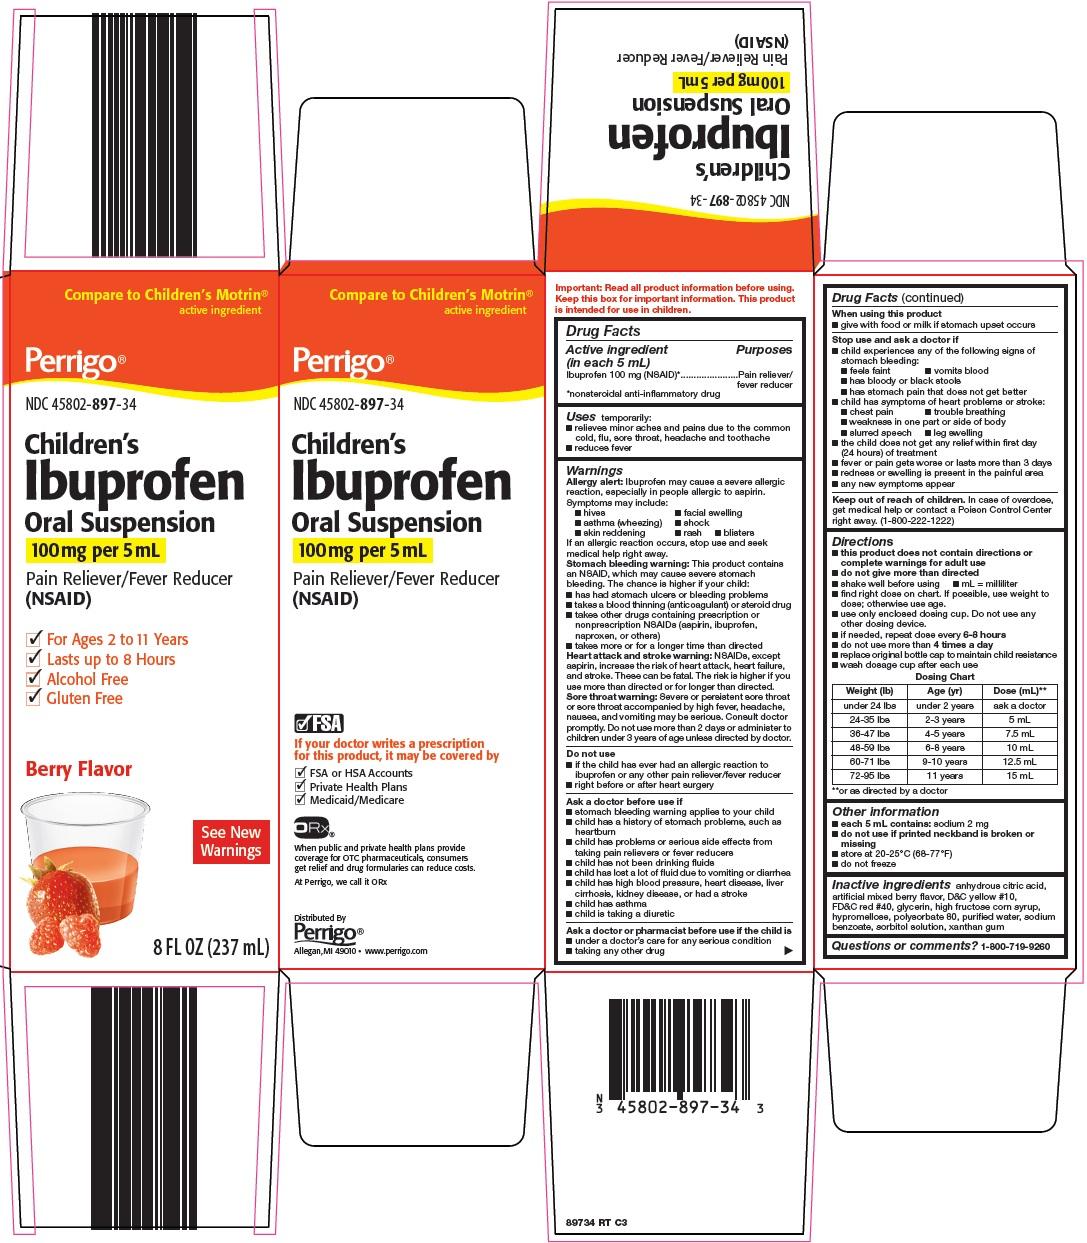 897-rt-ibuprofen.jpg